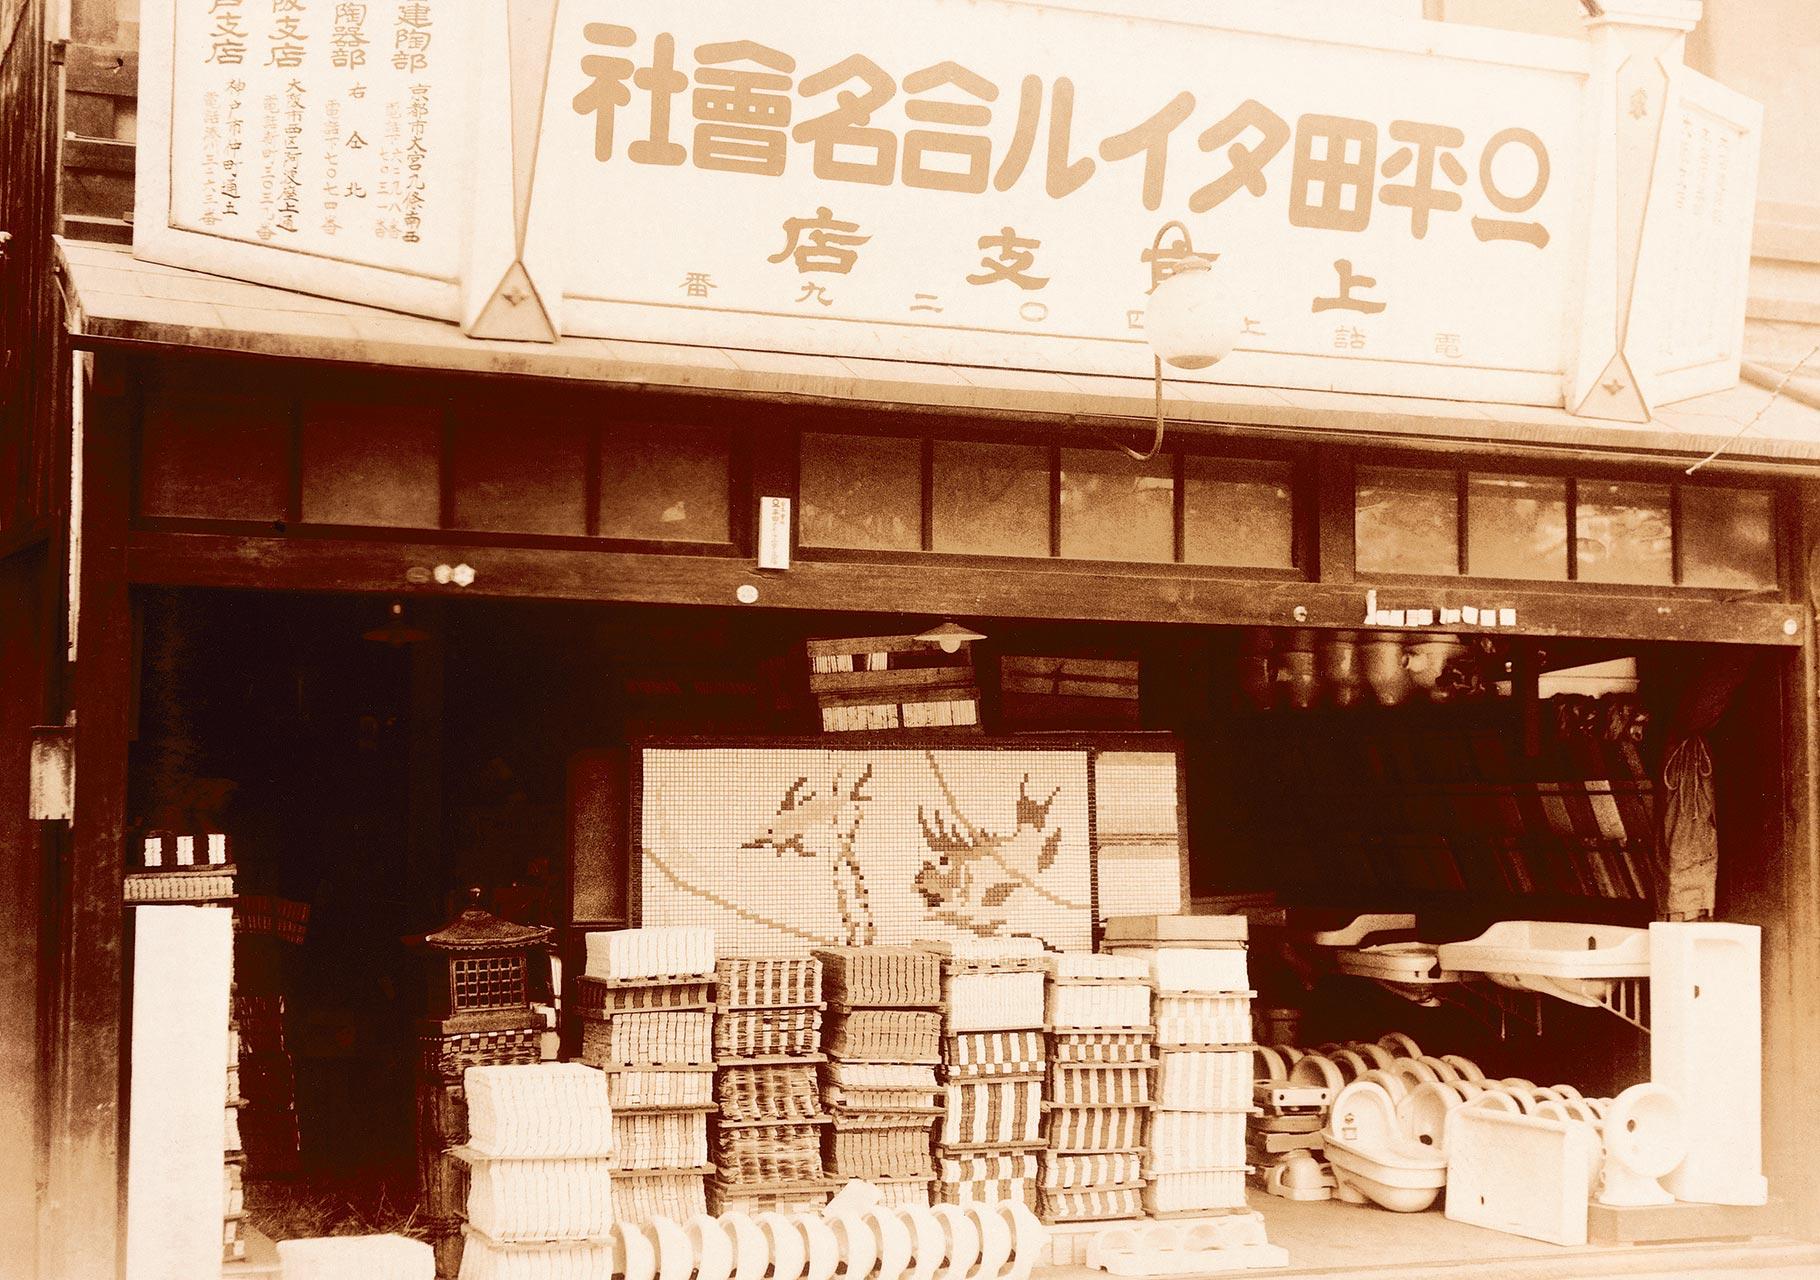 上京支店。よく見るとモザイクアートや、オシャレな洗面ボウルやトイレが見えますね。